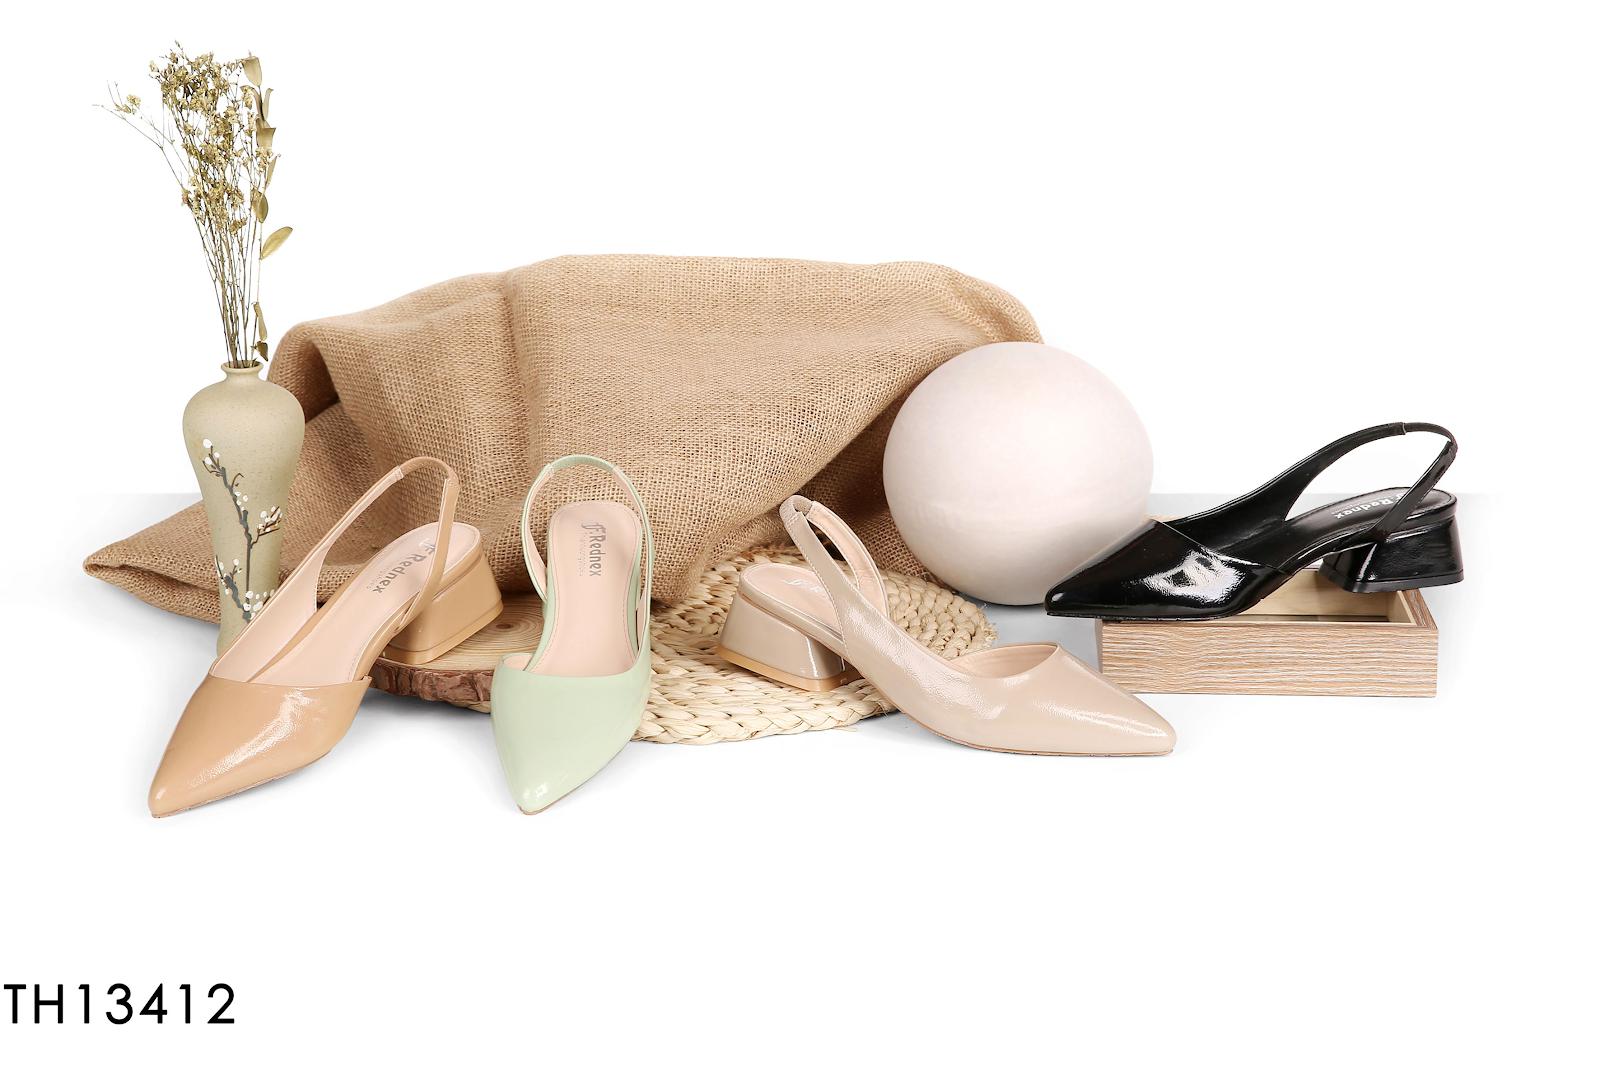 Các mẫu giày dép nữ cao cấp và hiện đại